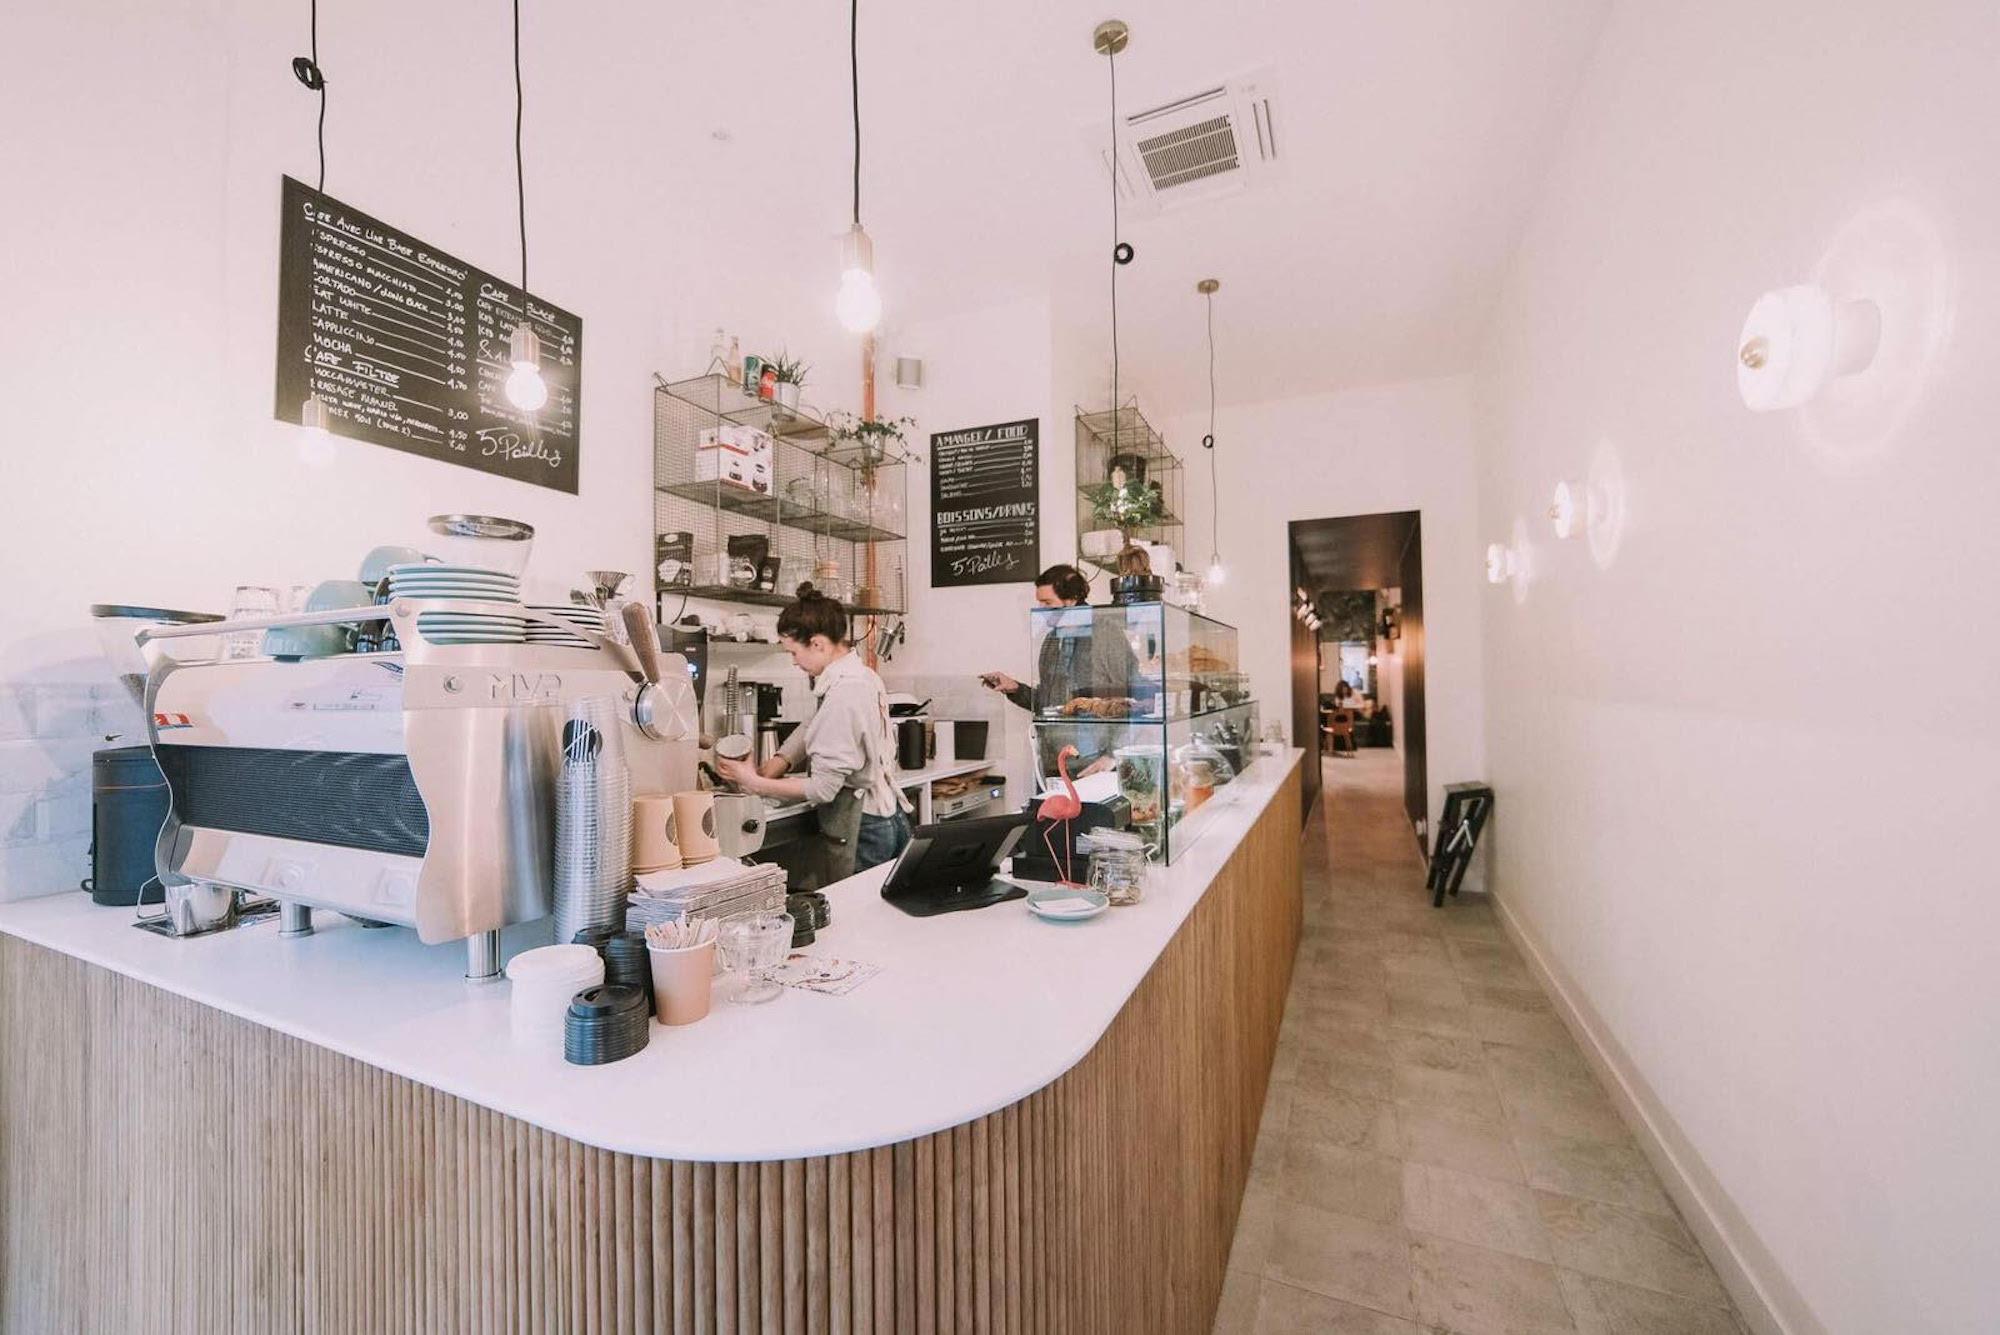 5 Pailles, a new coffee shop on rue du Faubourg Saint-Denis